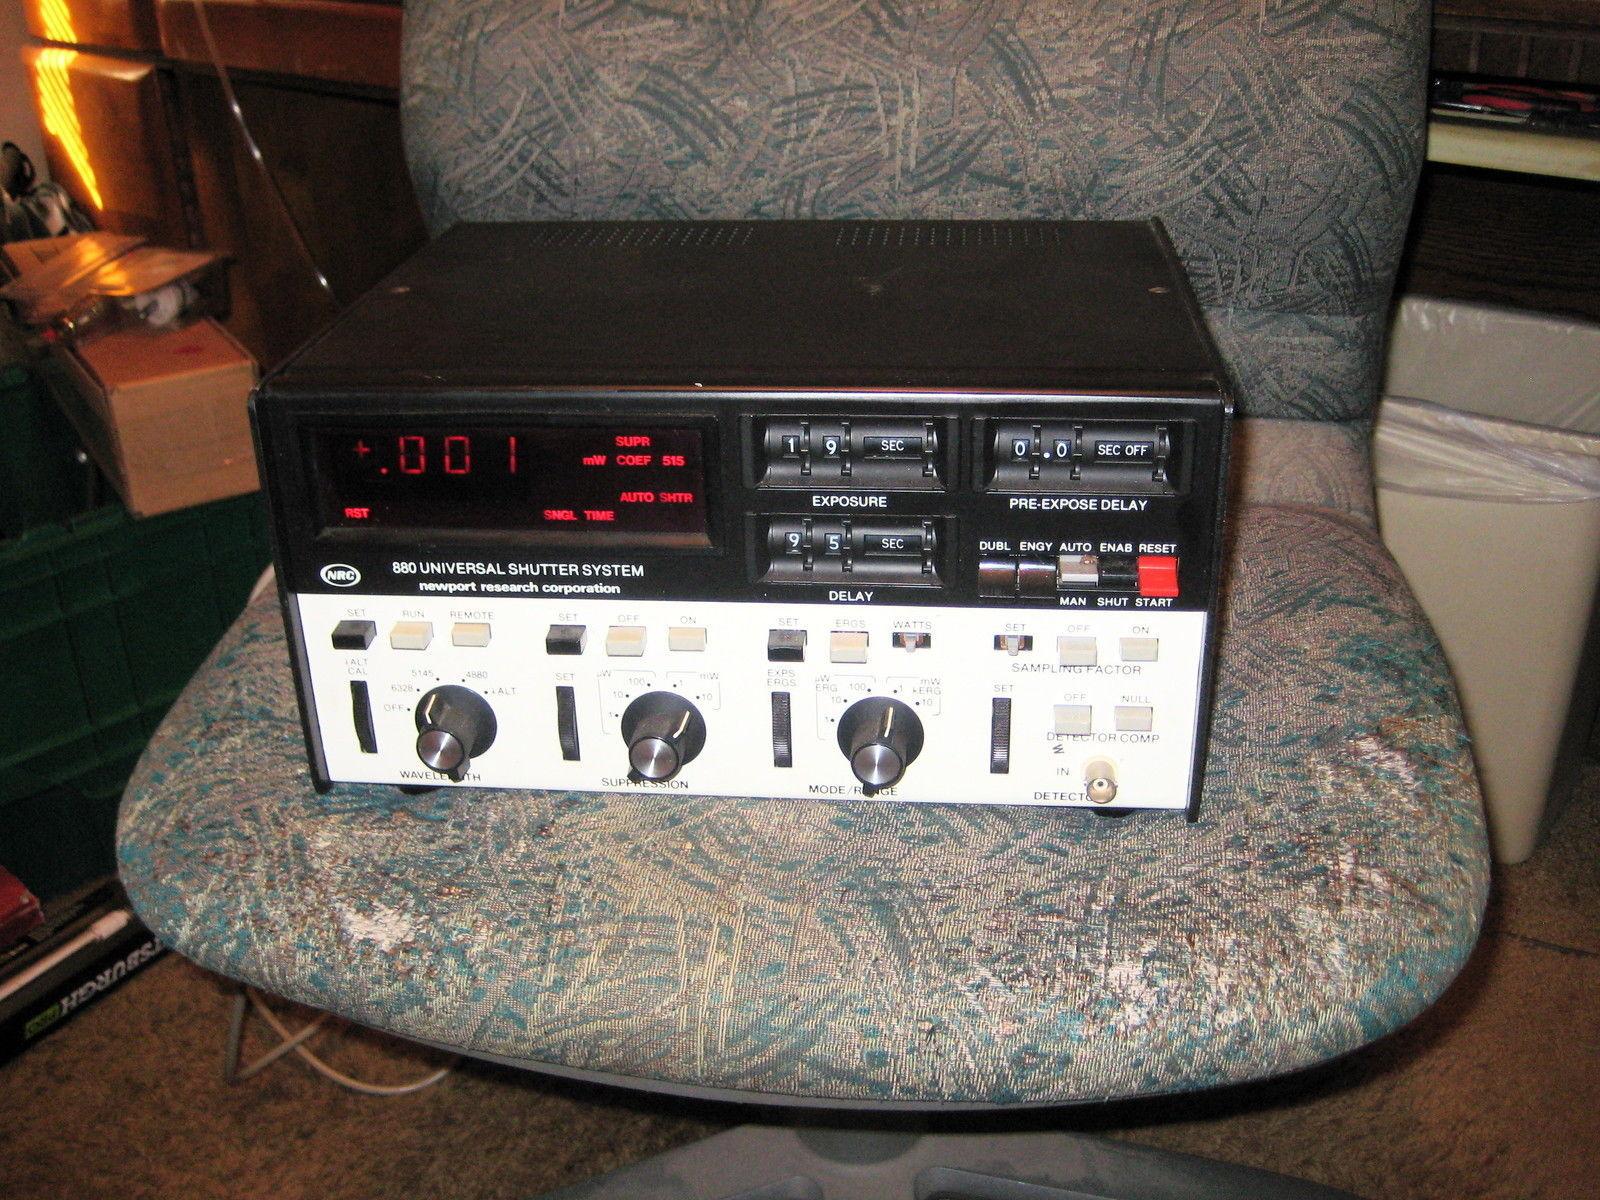 NRC-- 880 Universal Shutter System